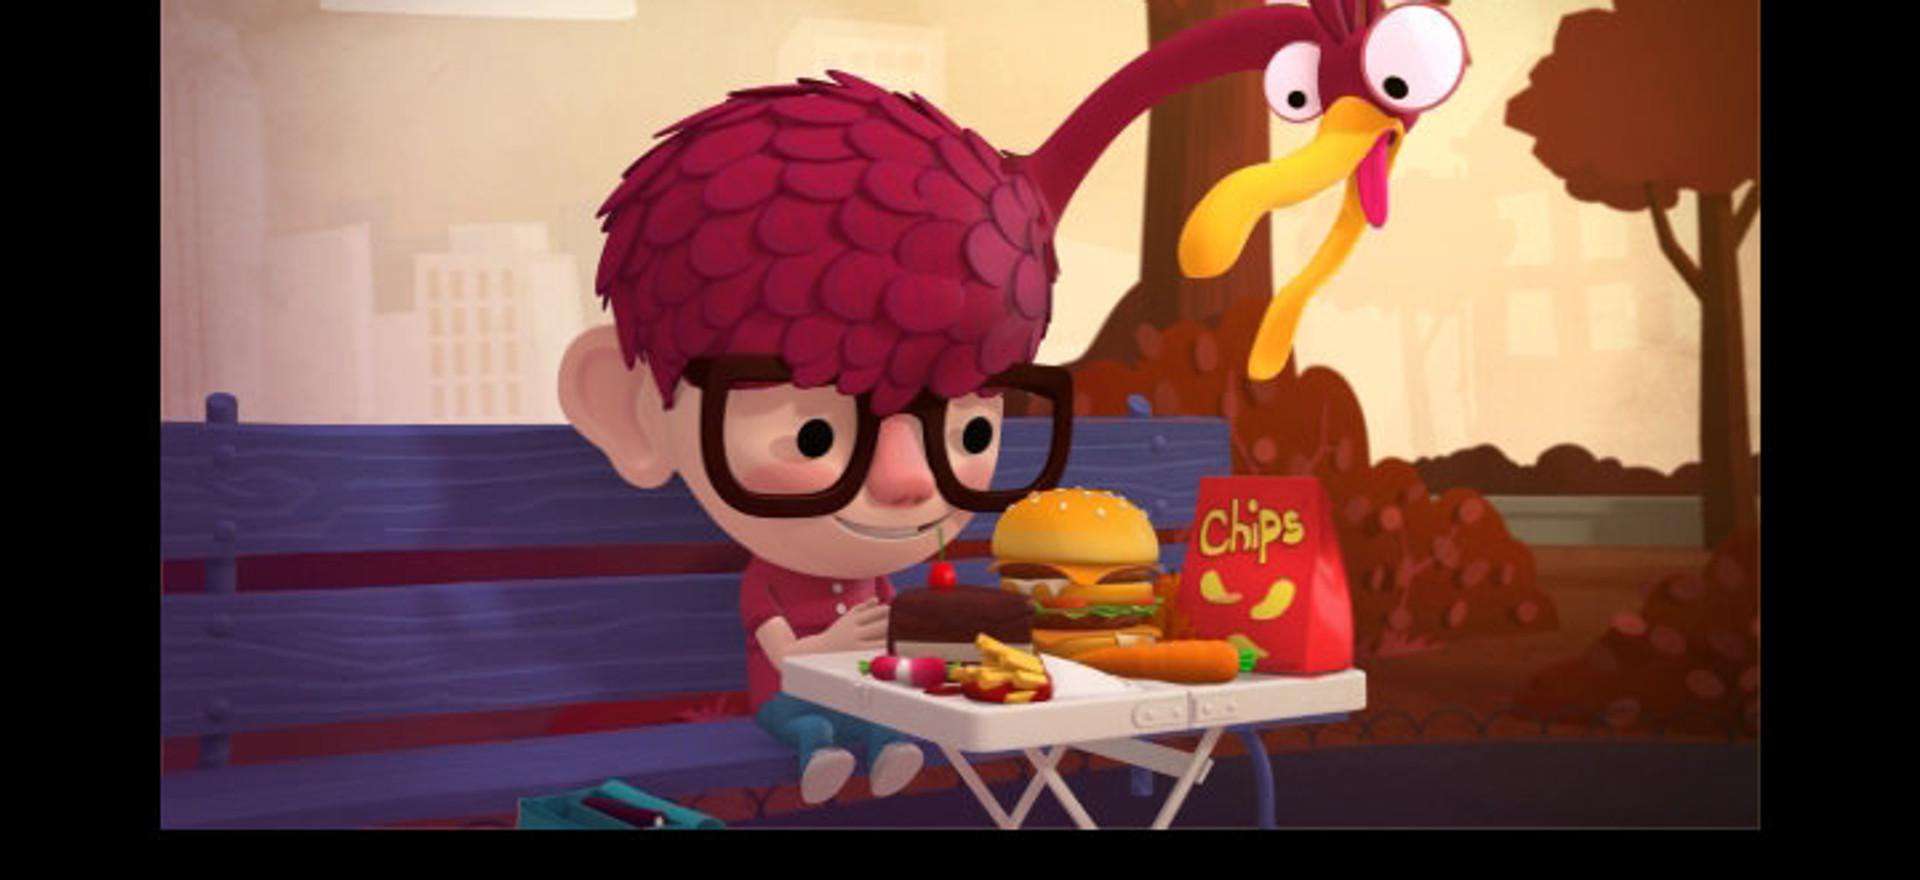 Lucas et l'oiseau gourmand